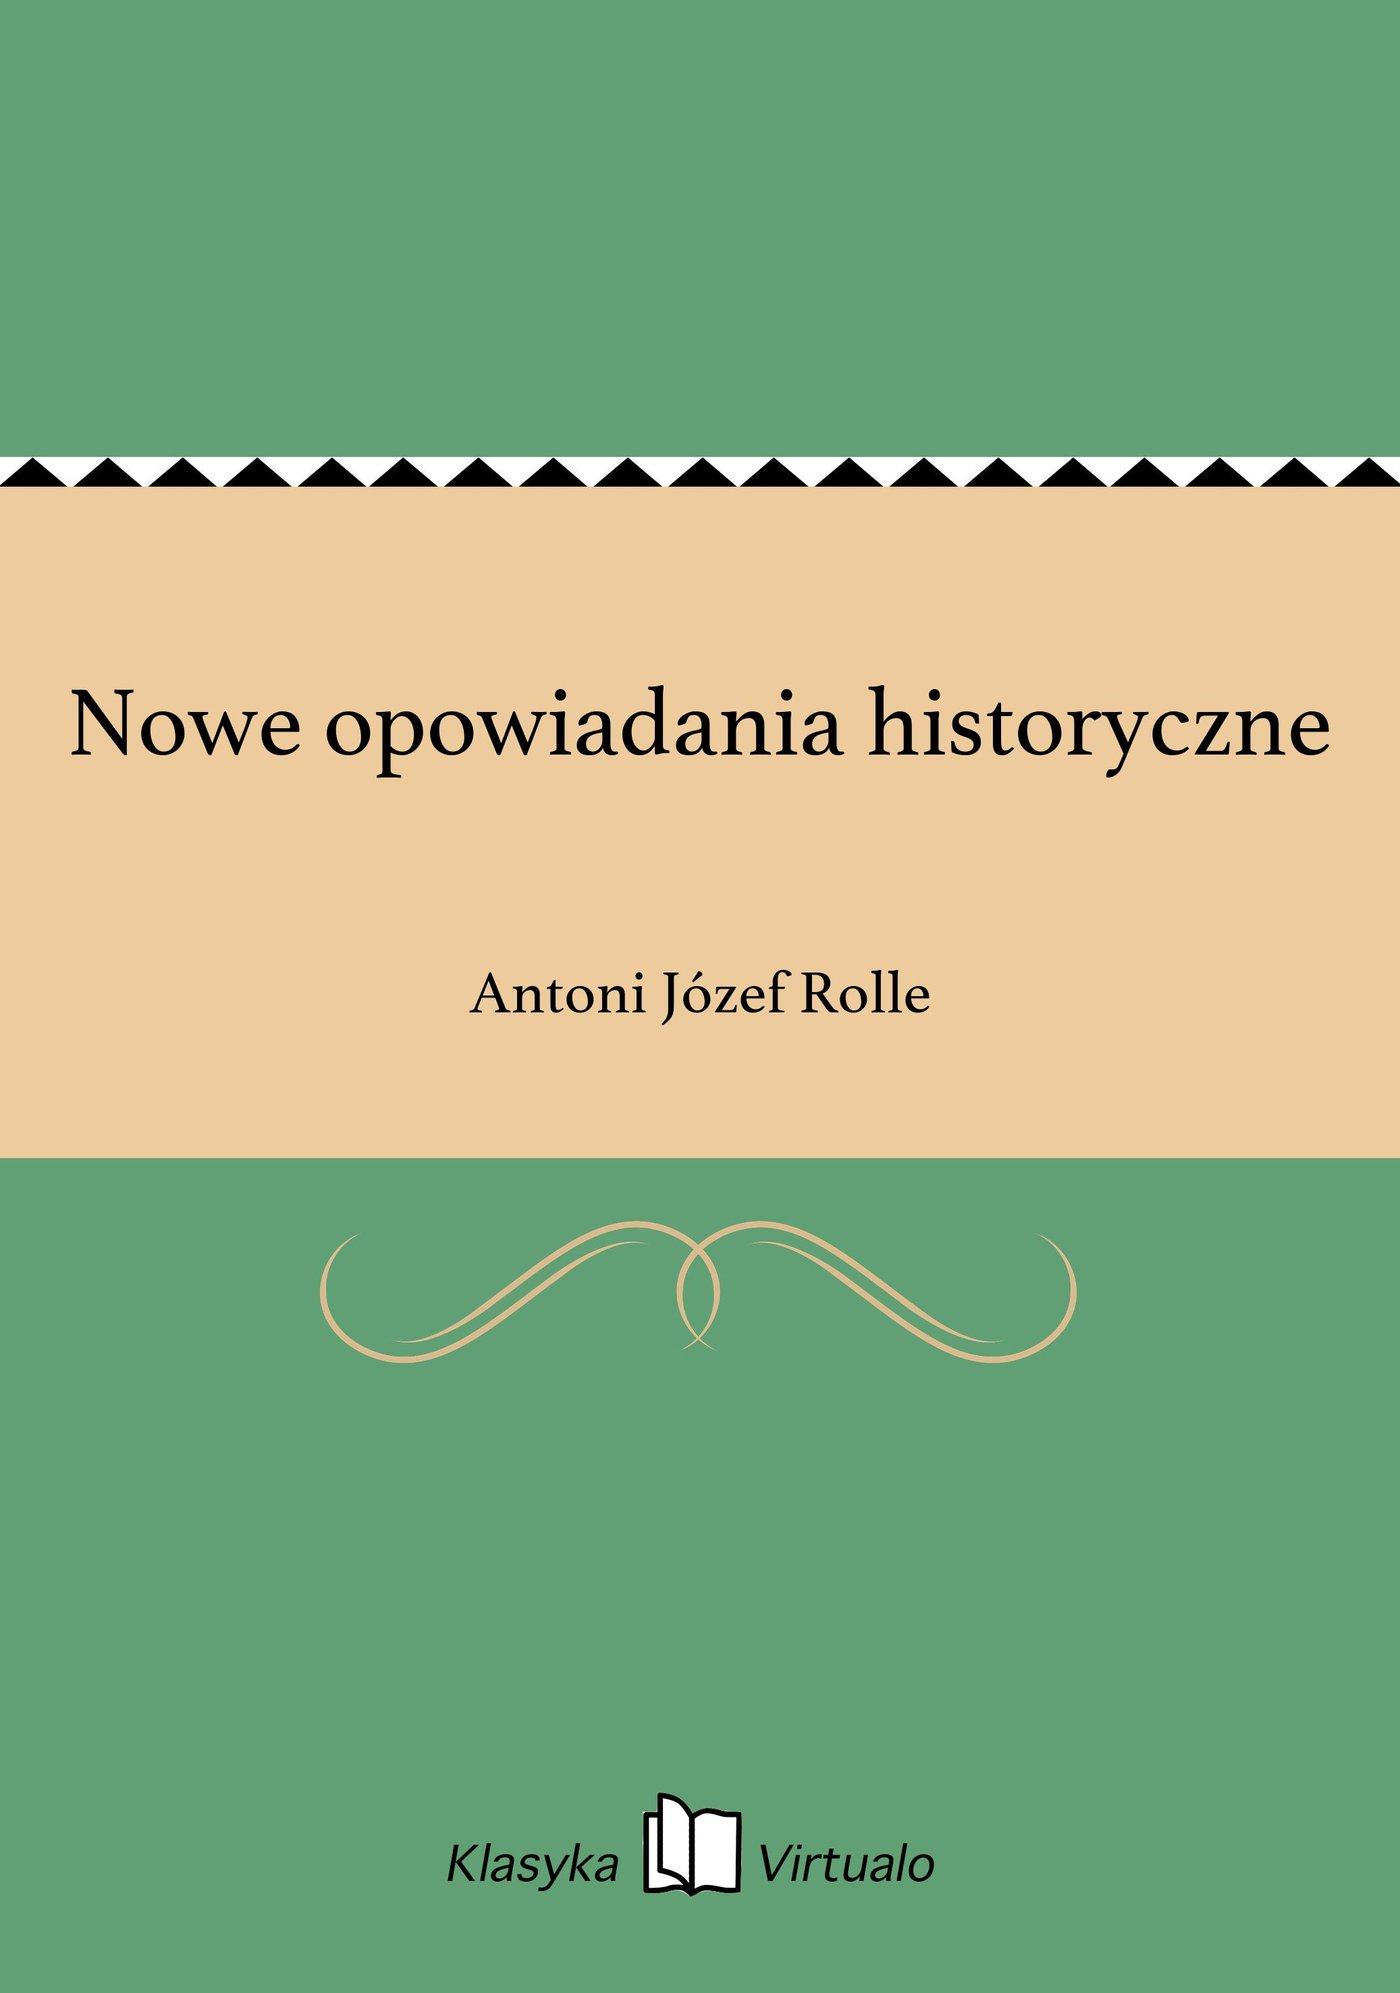 Nowe opowiadania historyczne - Ebook (Książka EPUB) do pobrania w formacie EPUB